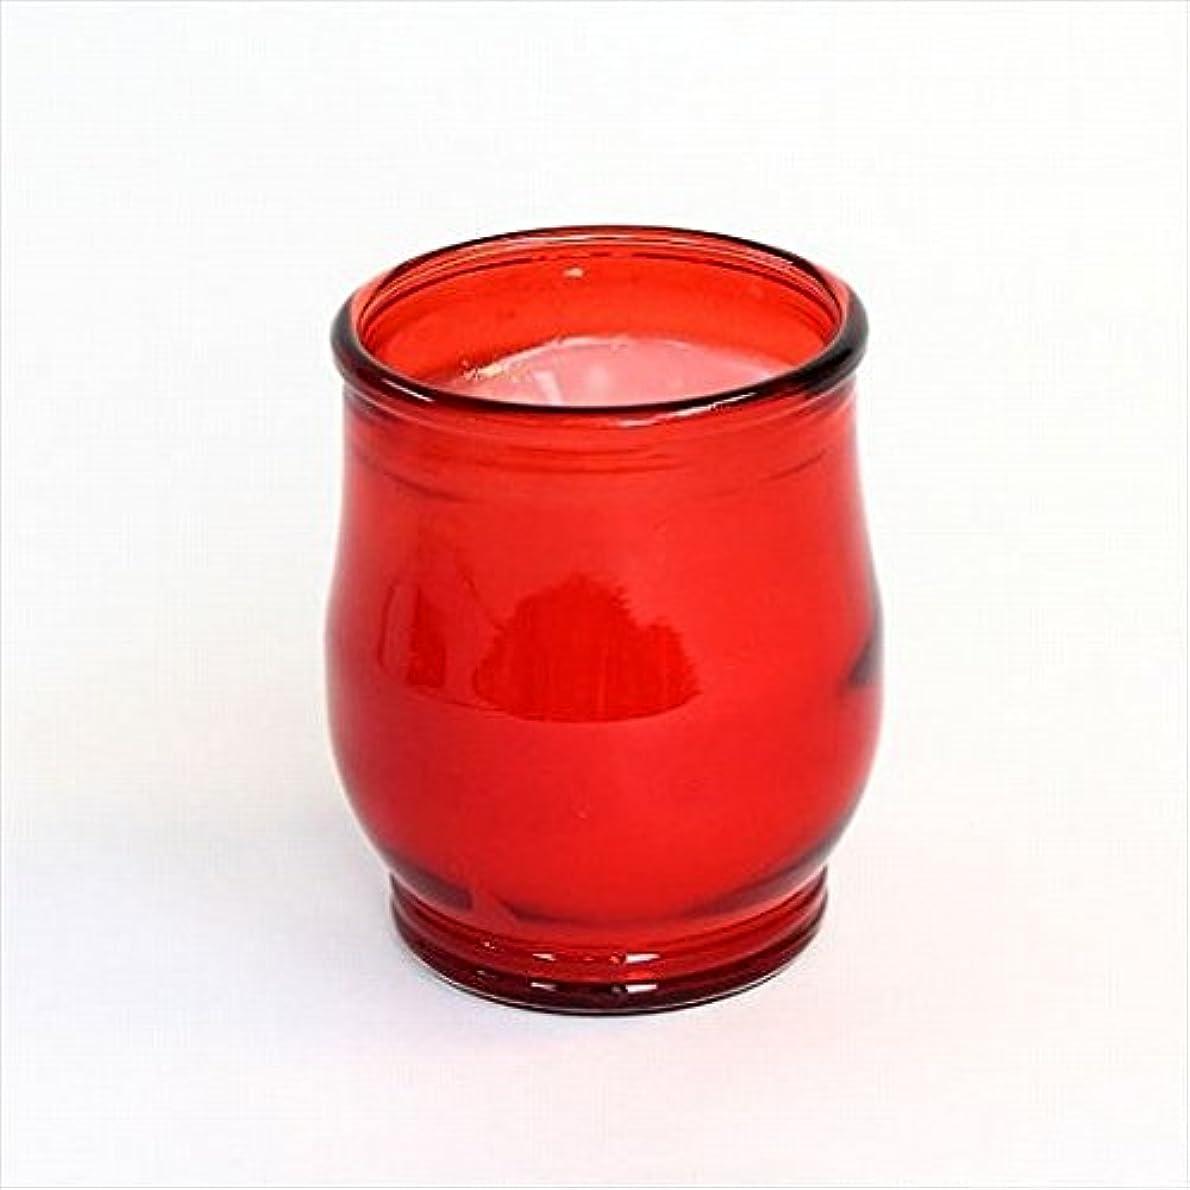 スリッパ助言する通訳kameyama candle(カメヤマキャンドル) ポシェ(非常用コップローソク) 「 レッド 」 キャンドル 68x68x80mm (73020000R)